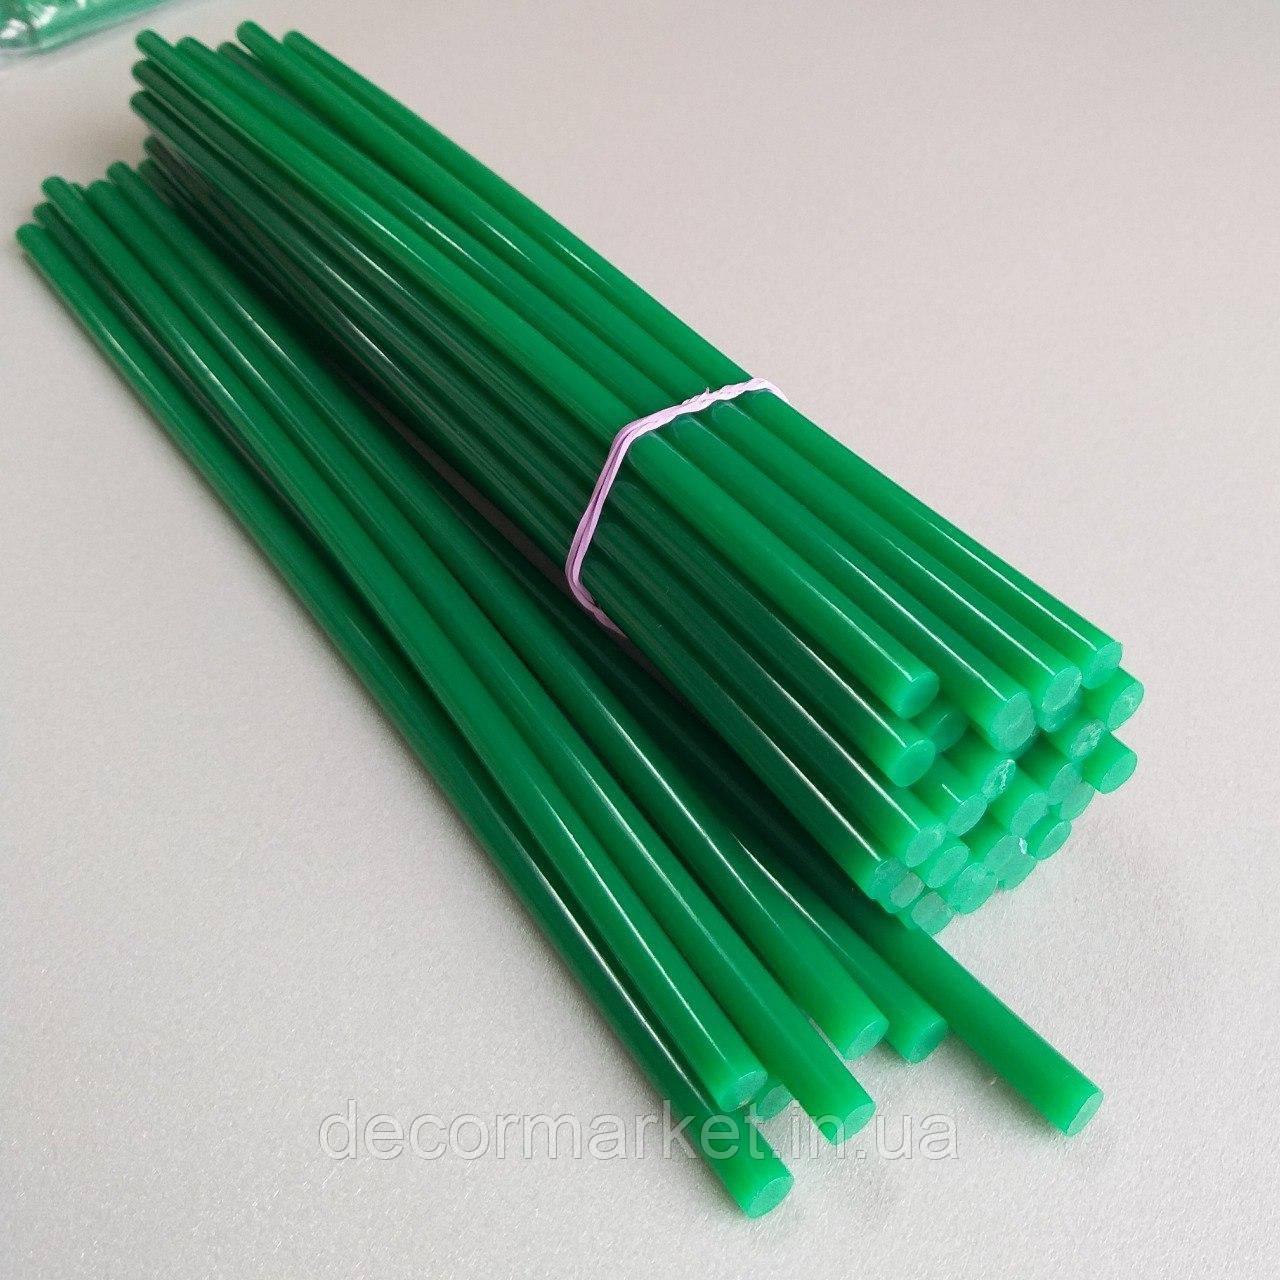 Клей 7мм зеленый силиконовый стержни для термопистолета